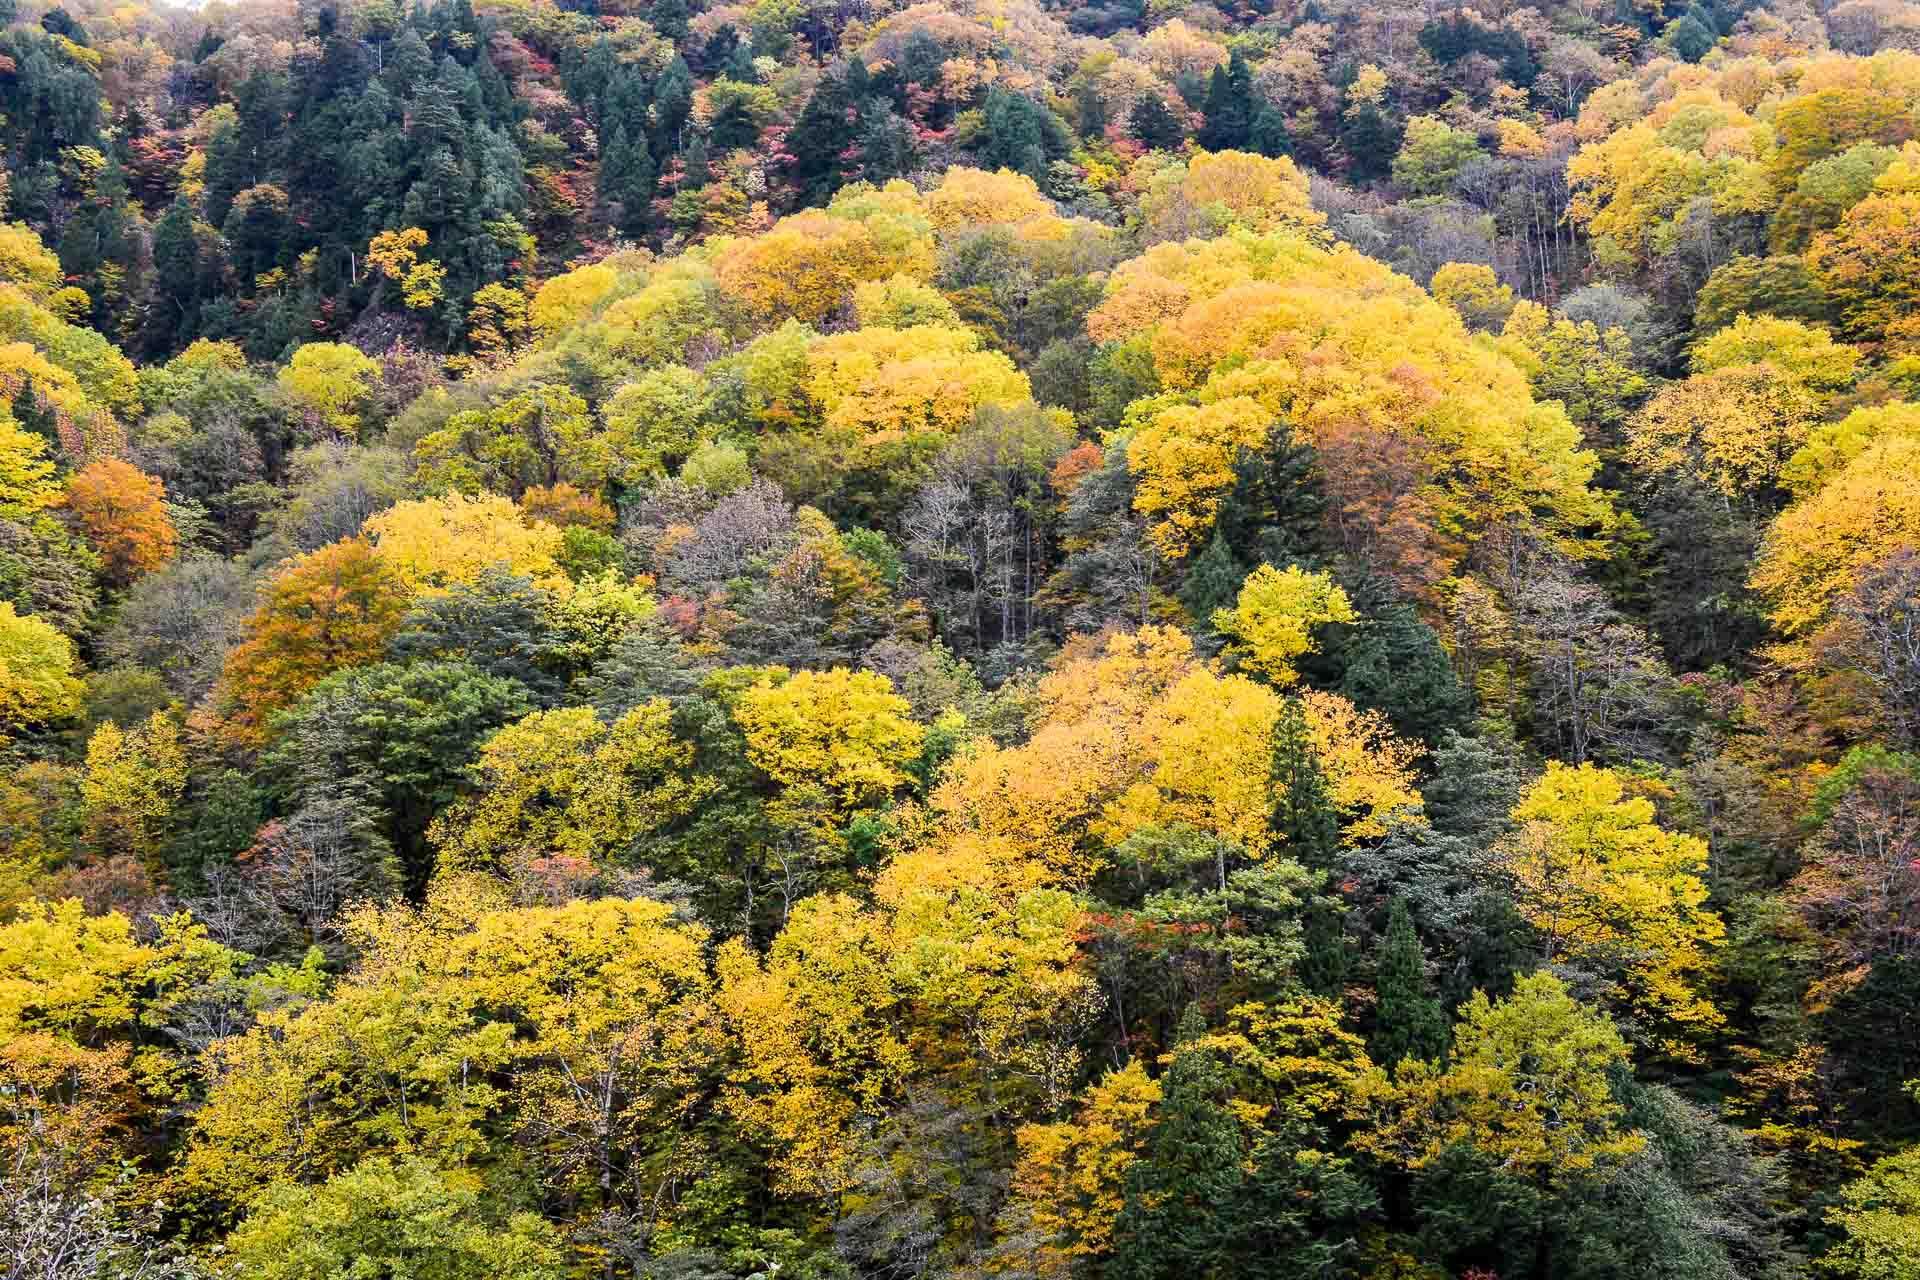 L'automne au Japon est une saison fabuleuse où observer les érables.